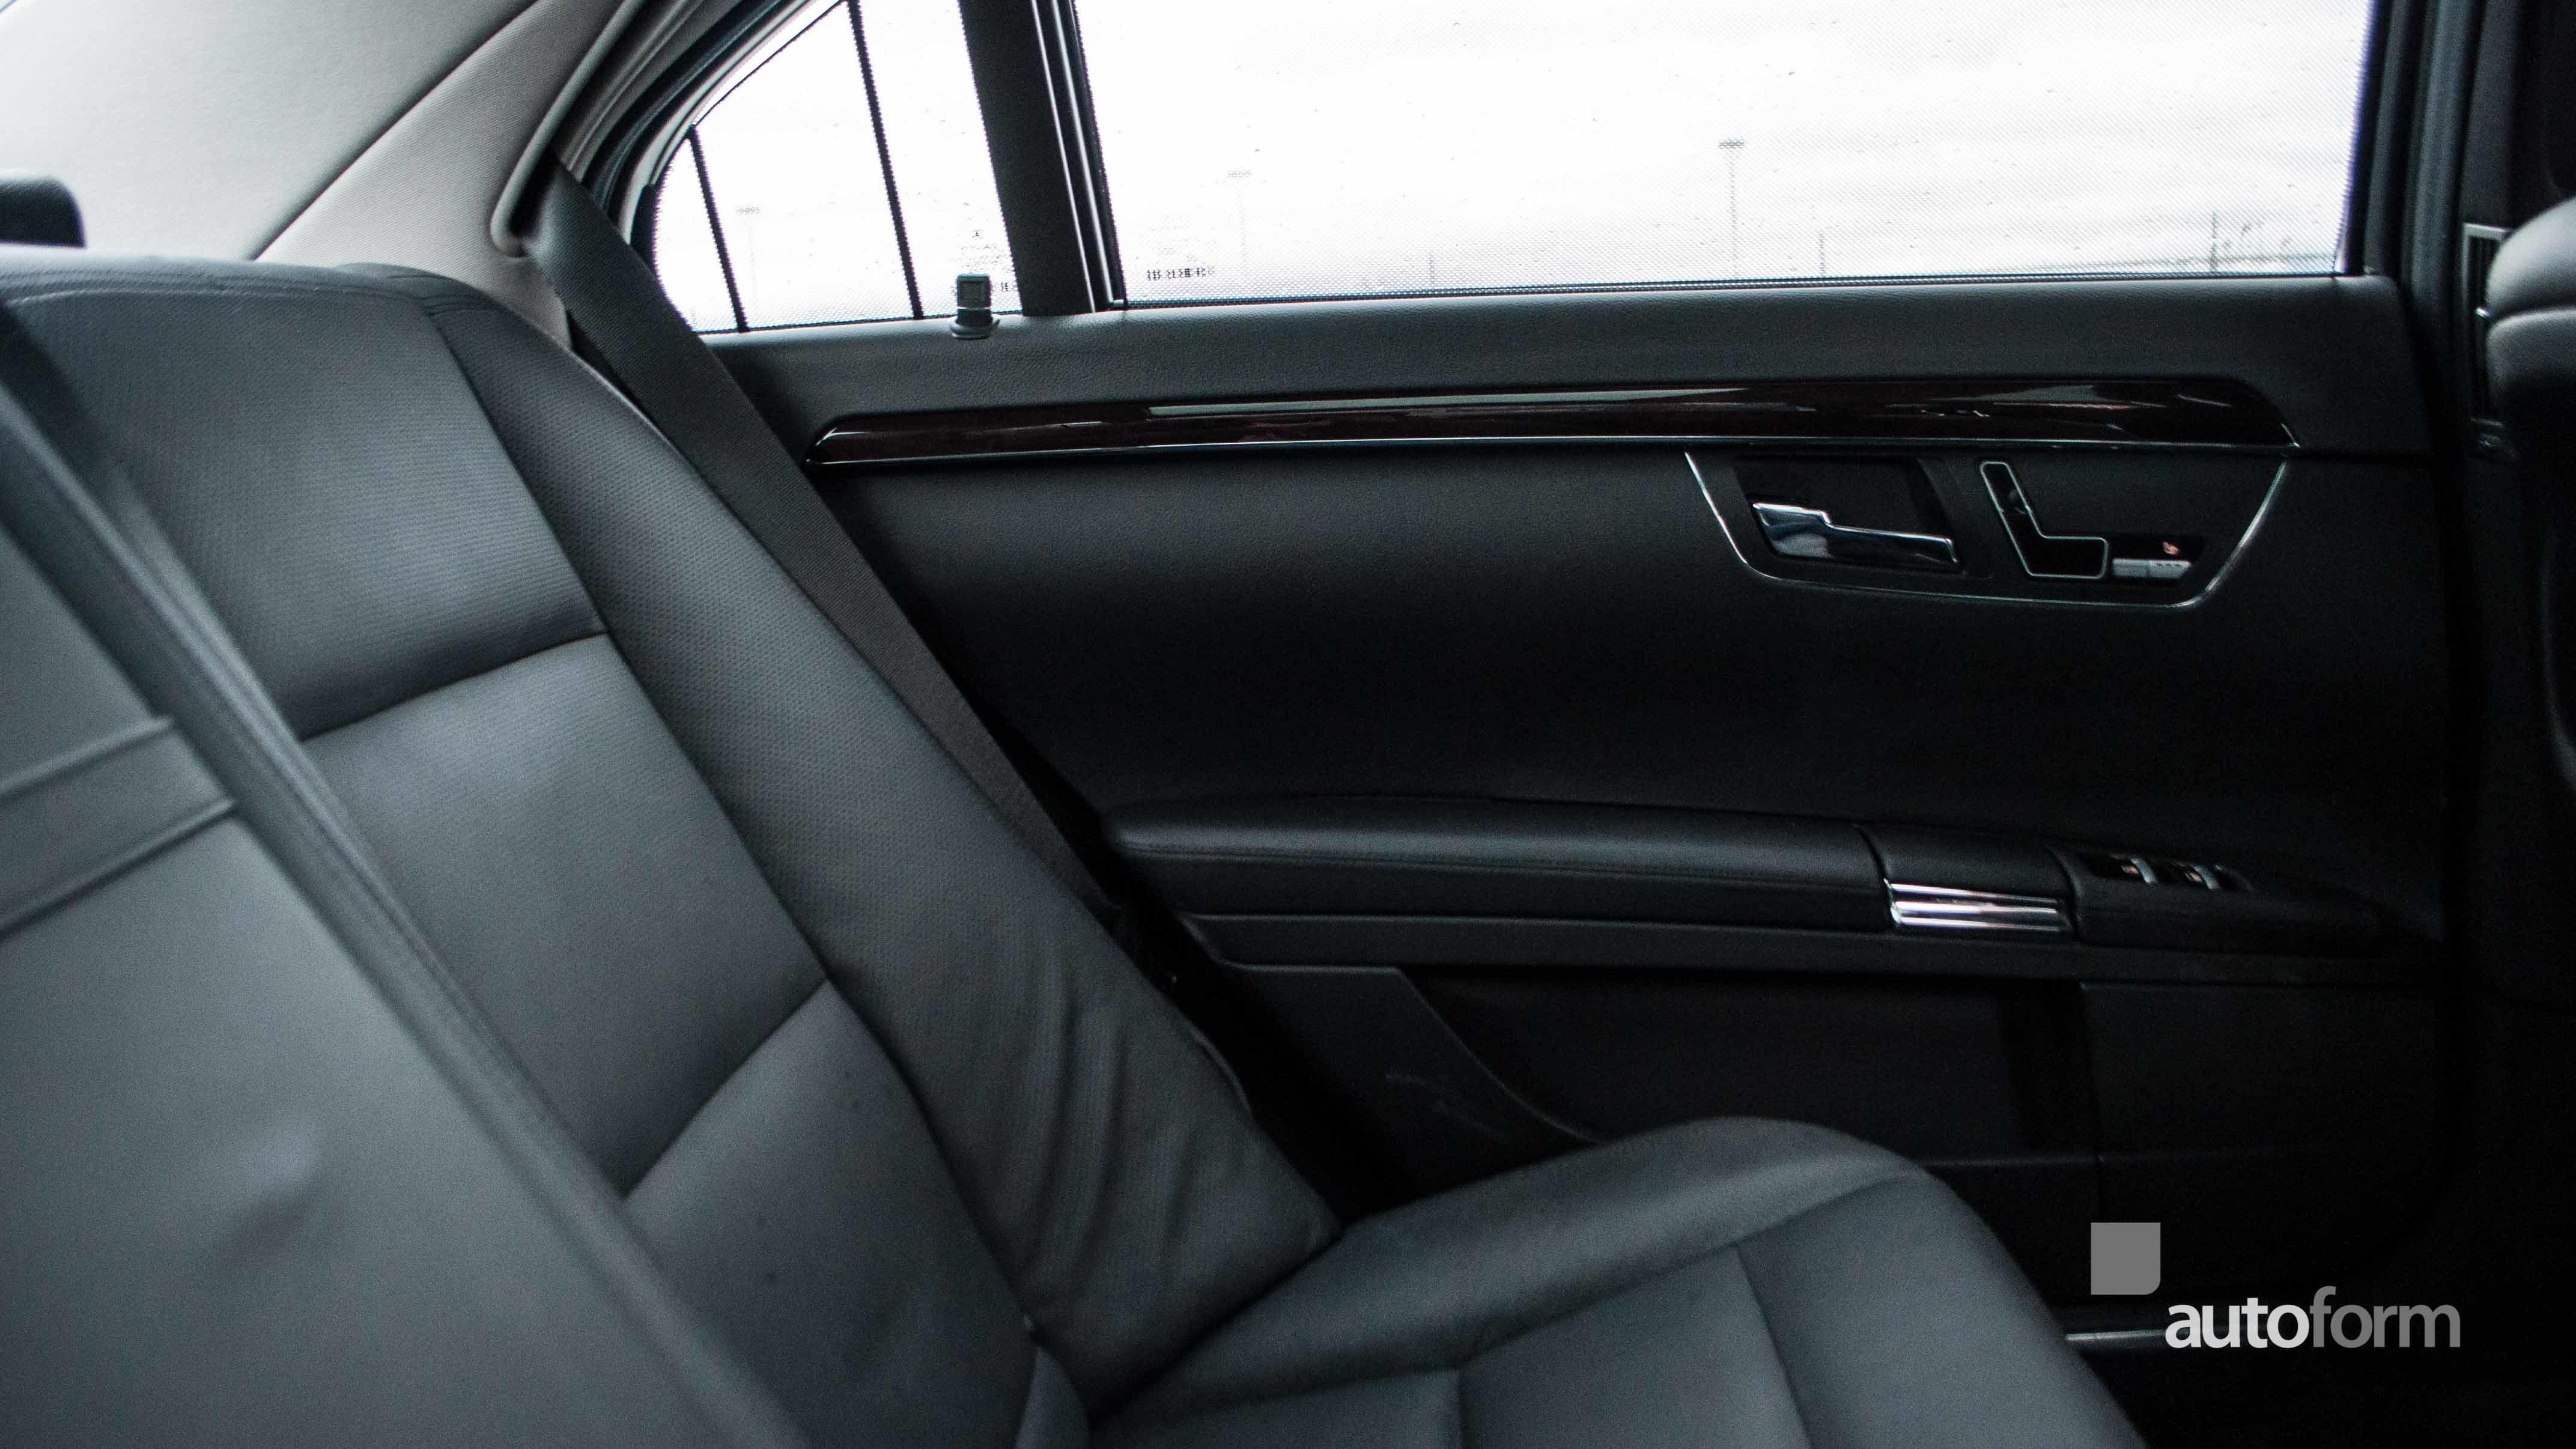 class s exterior photos mercedes hybrid base benz sedan features reviews price